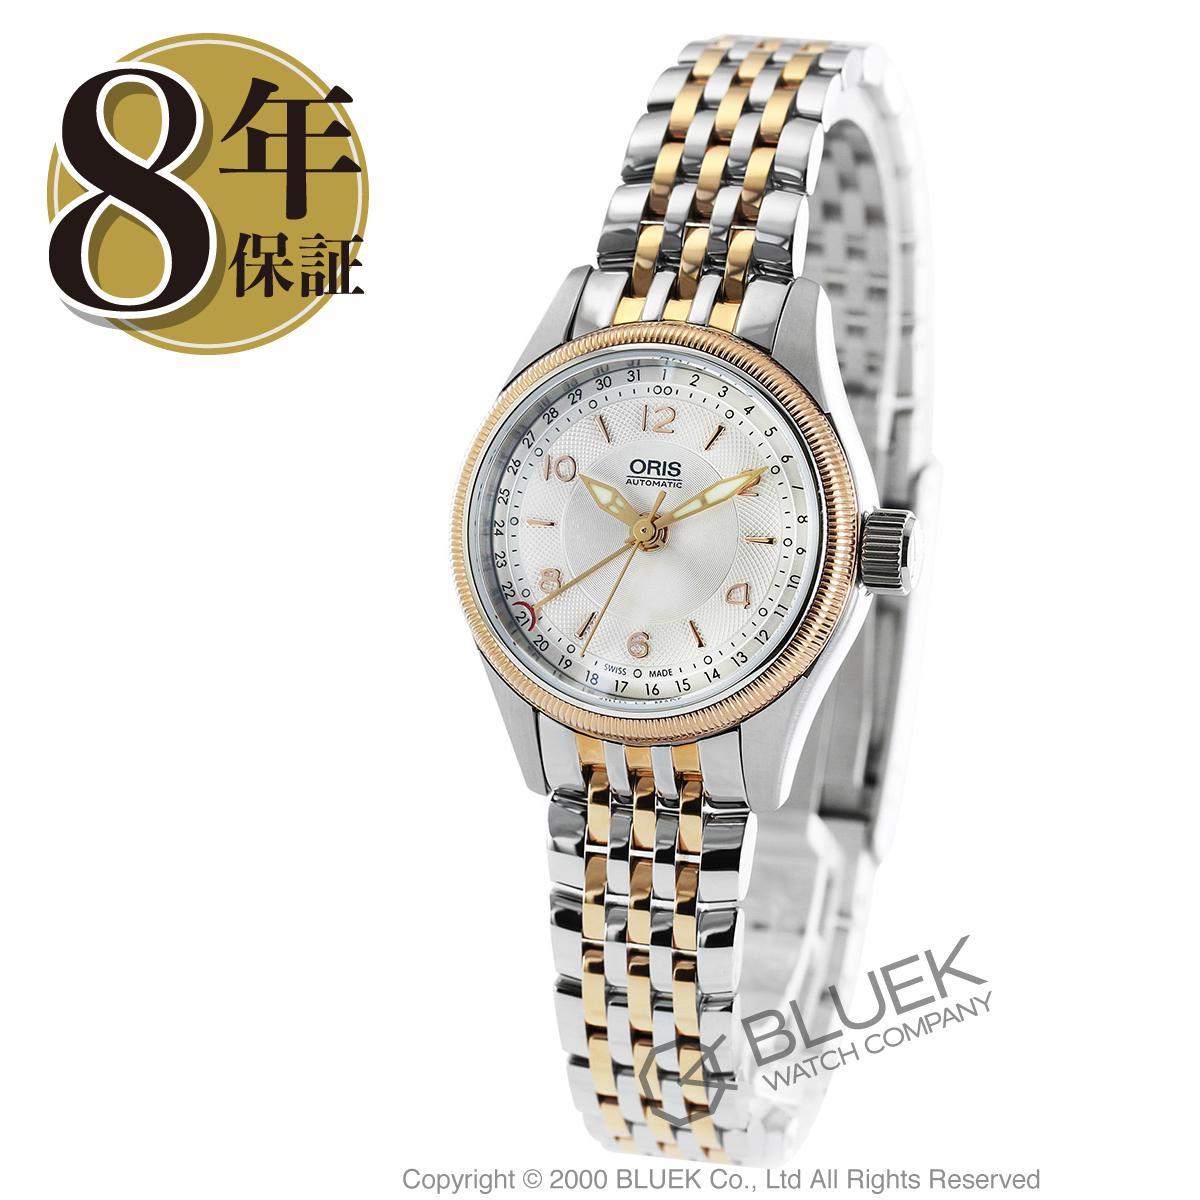 0356202a5c オリス ビッグクラウン 腕時計 レディース ORIS 594 7680 4331M_8 [送料無料][オリス][594 7680 4331M][ORIS ][時計][新品]